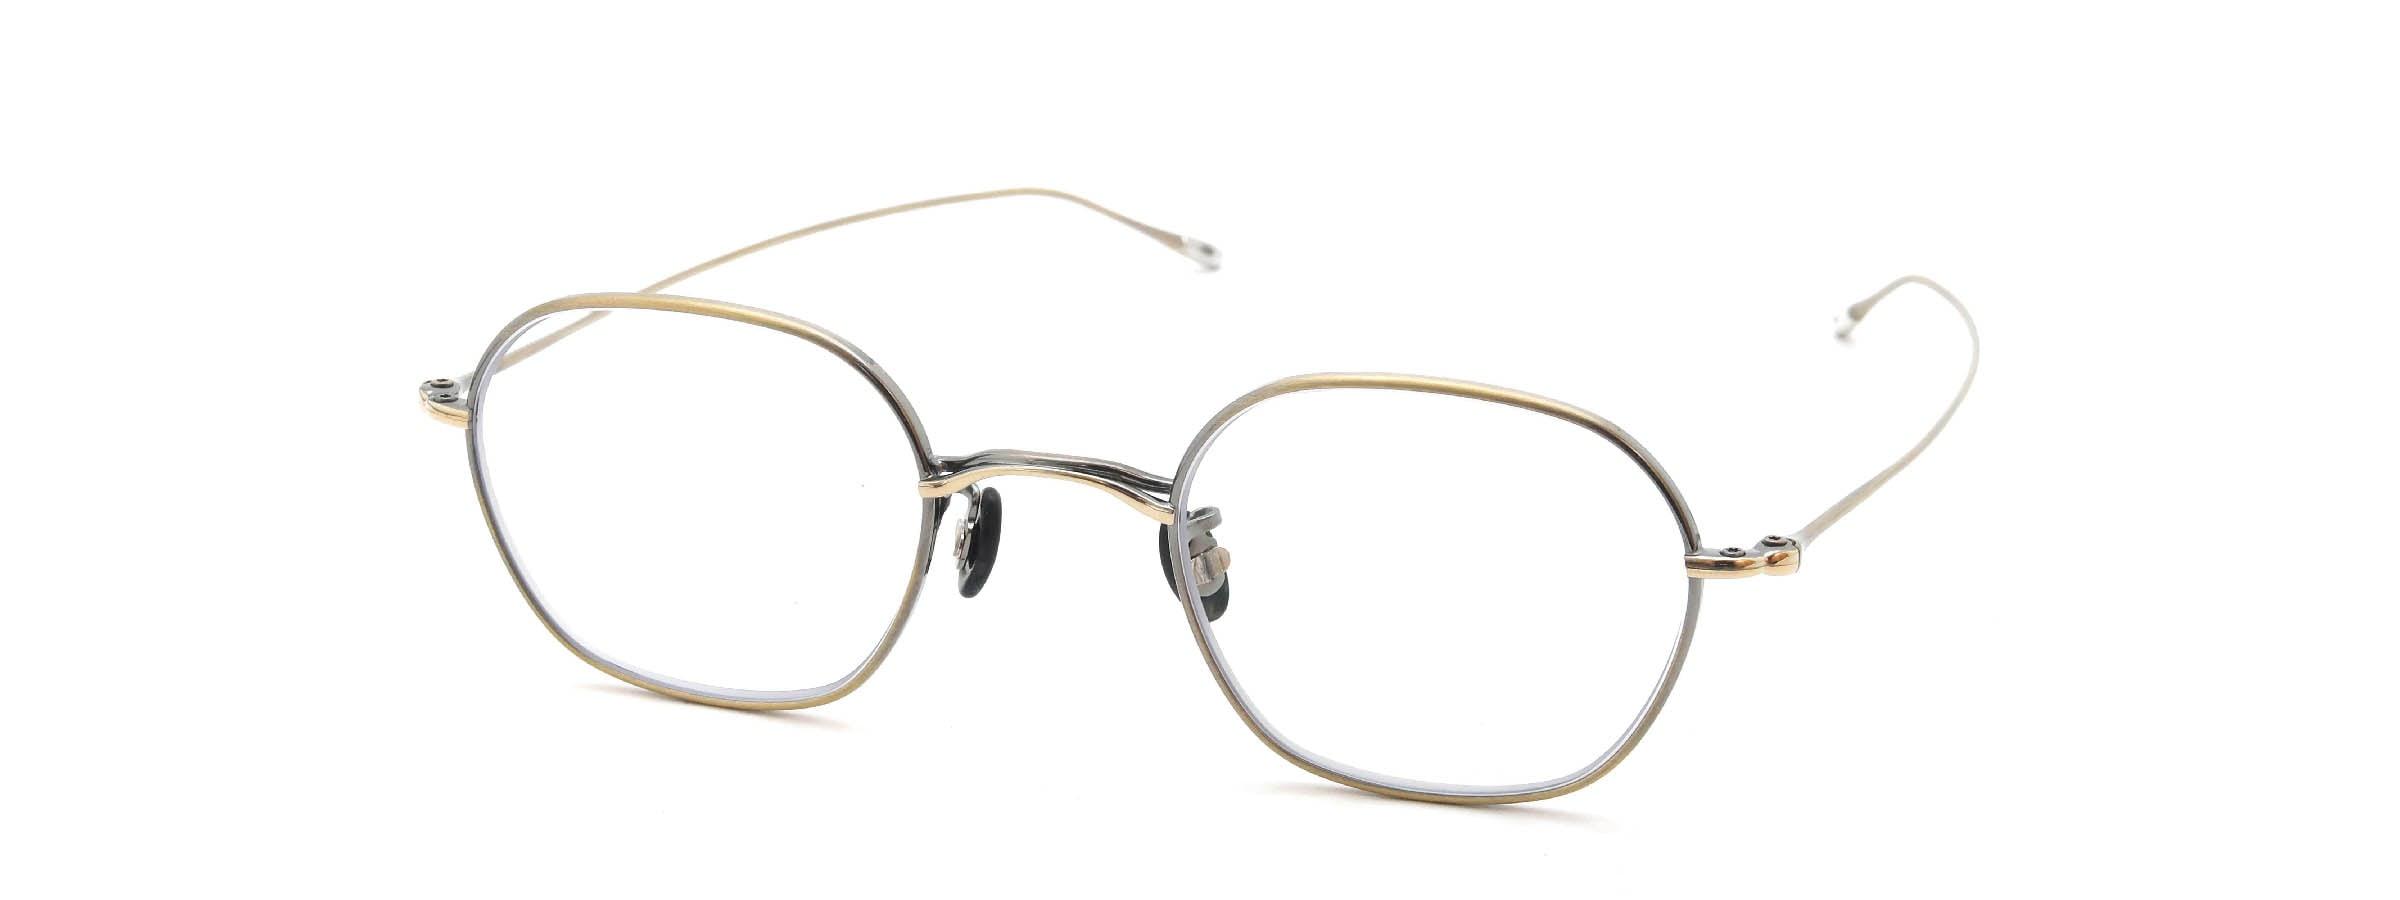 10 eyevan NO.2 4S-CL OldGold全体像